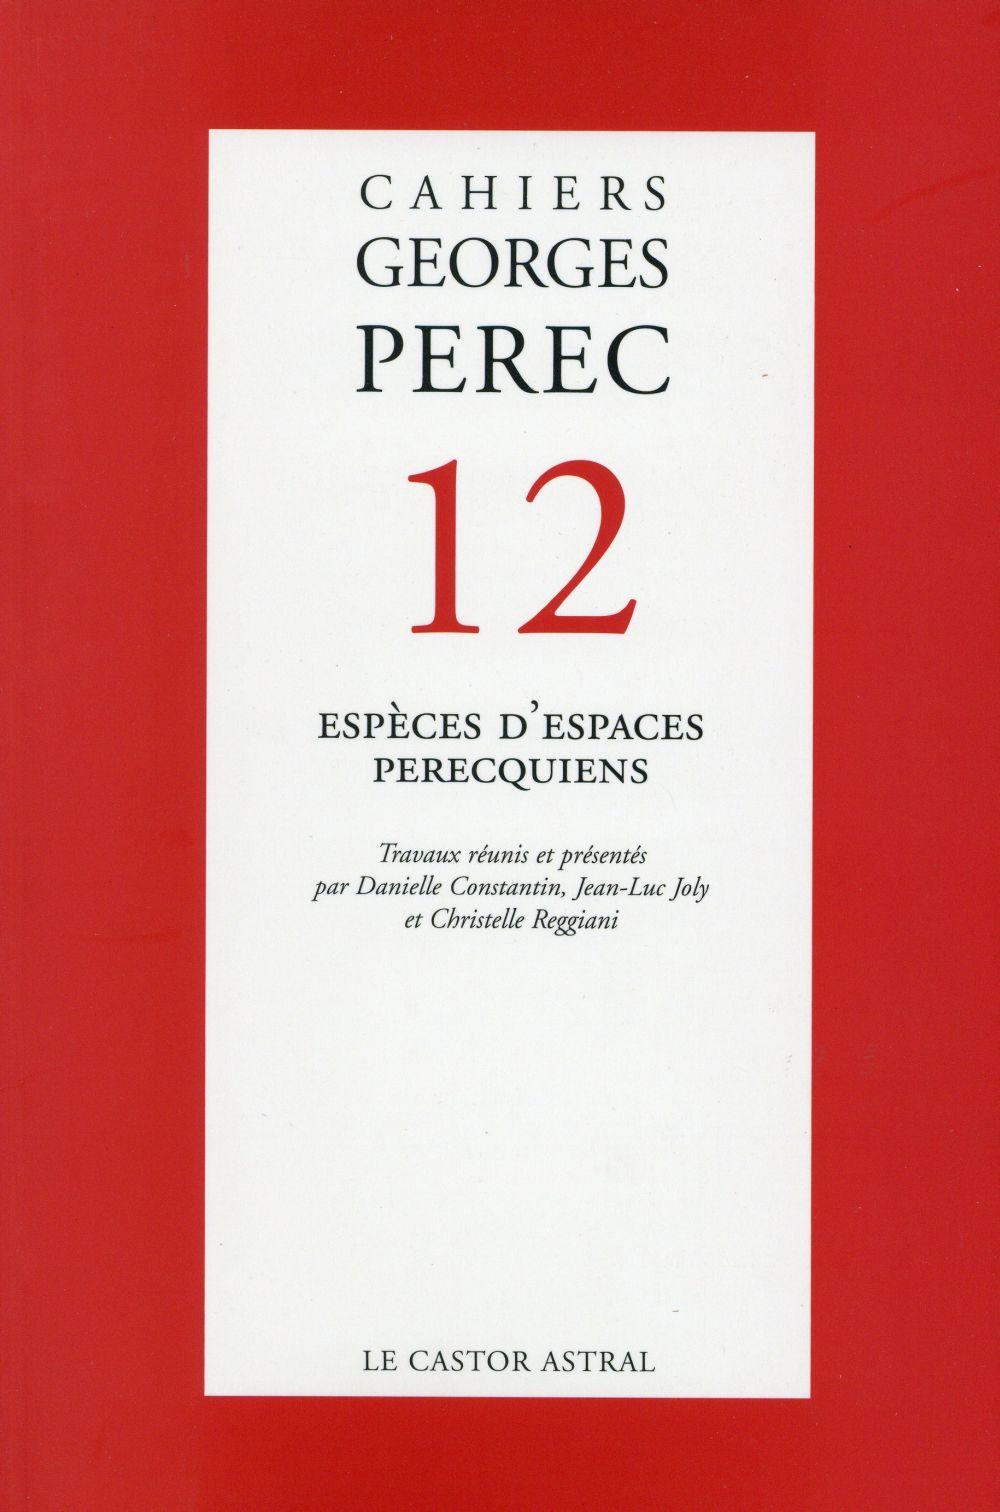 CAHIERS GEORGES PEREC - NUMERO 12 ESPECES D'ESPACES PERECQUIENS